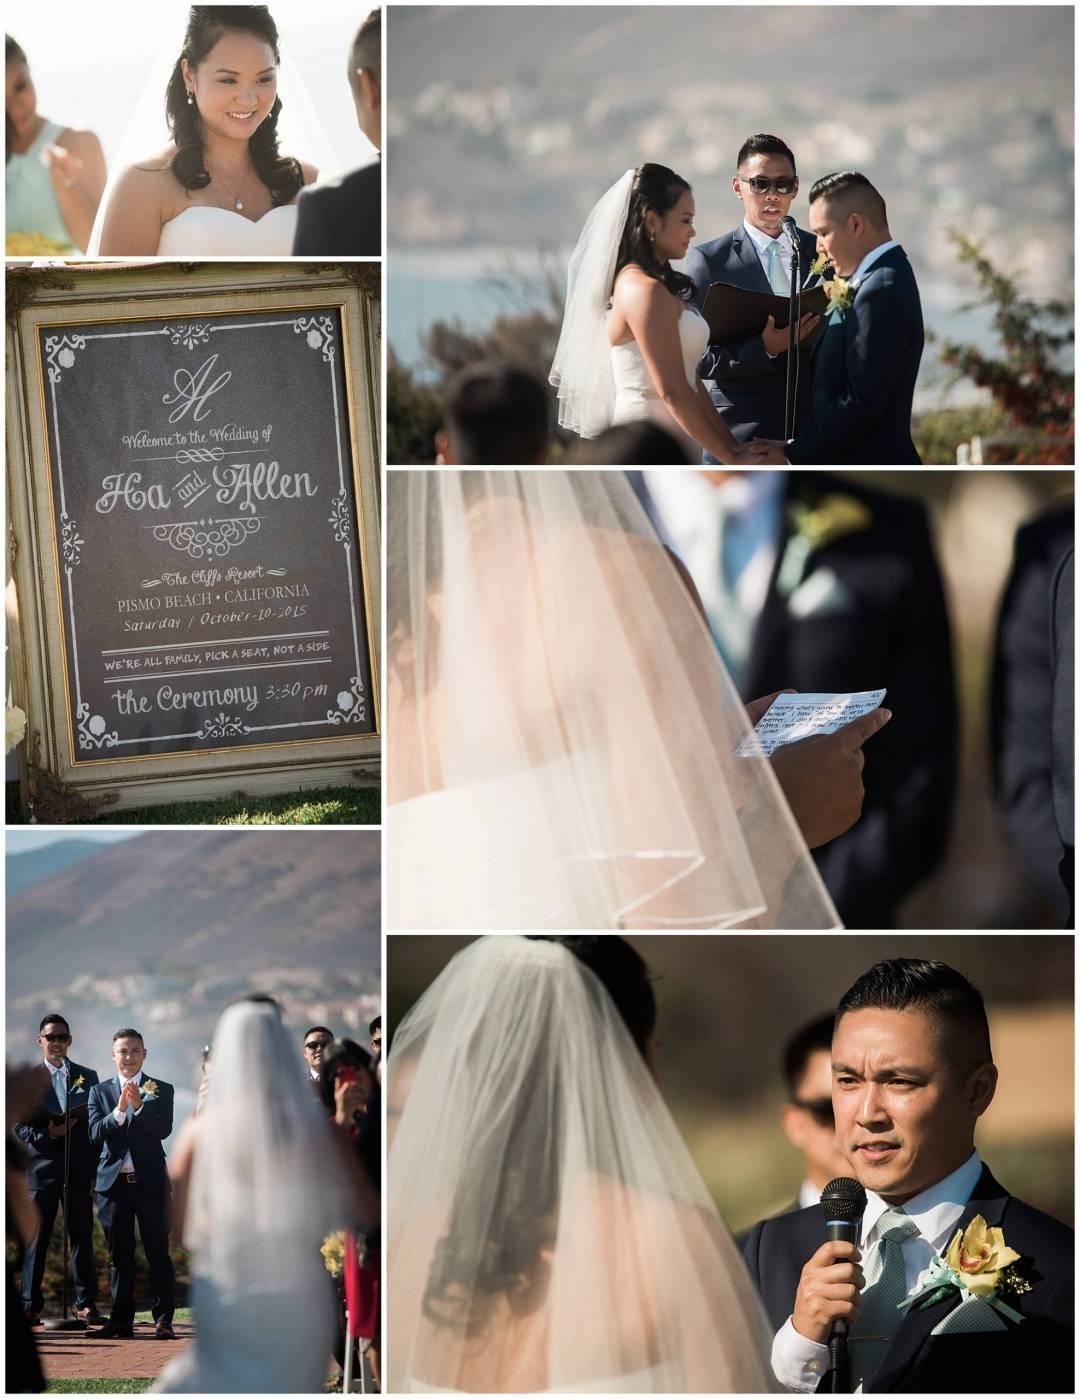 Ha & Allen Wedding Third Element Photography & Cinema Pismo Beach Cliffs Resort Central Coast Hybrid Film Wedding Photographer_0025